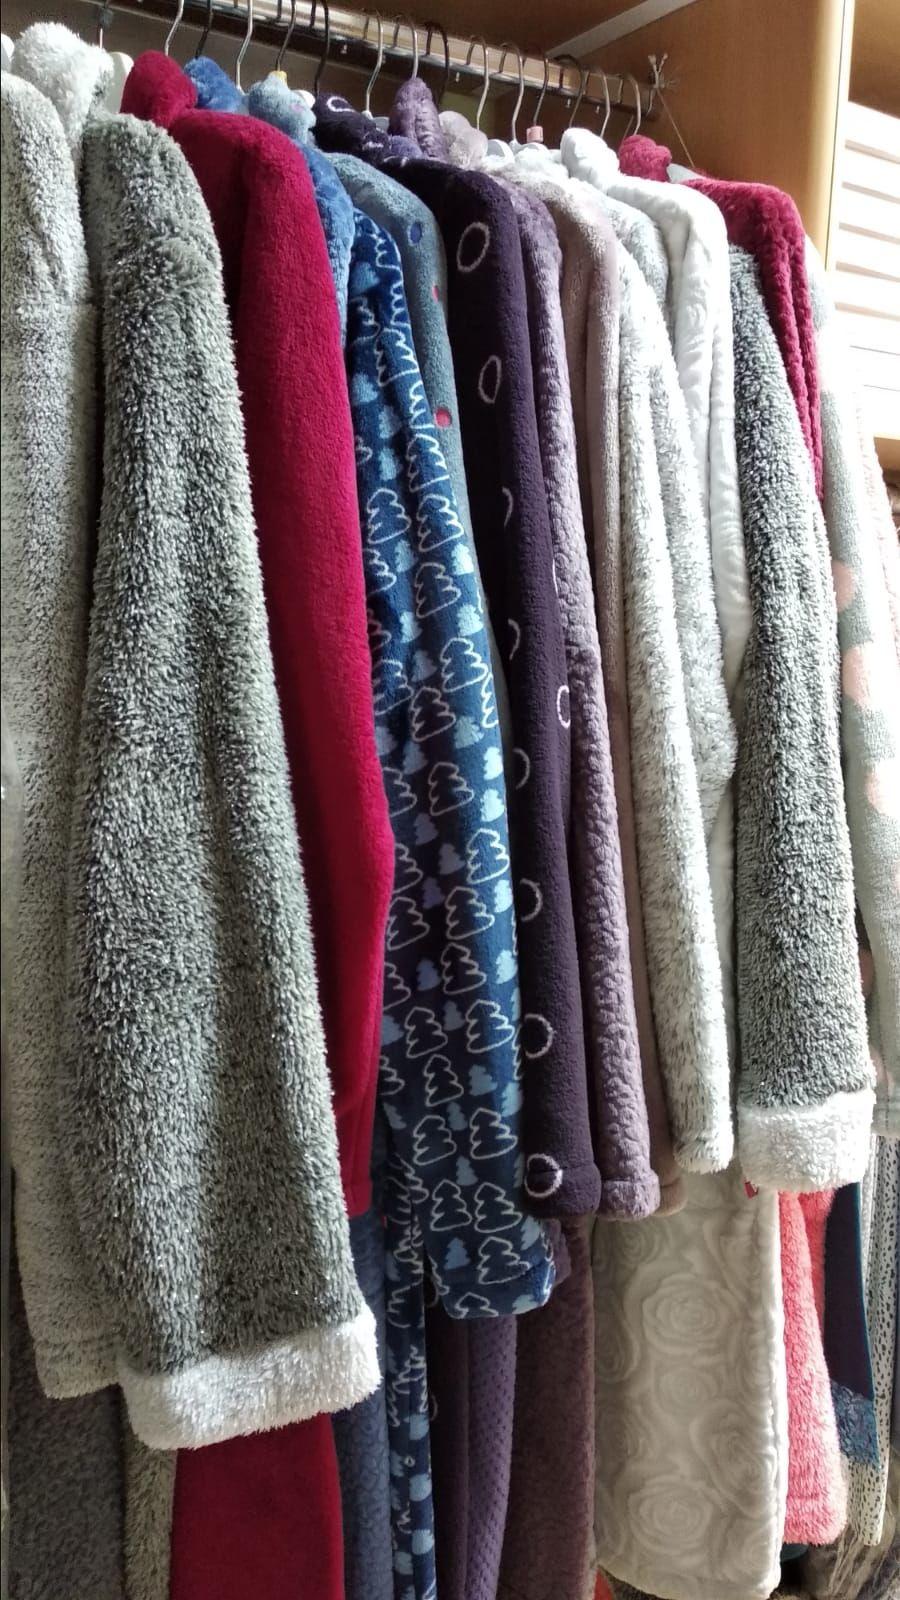 Tienda de lencería y ropa interior en Sant Andreu